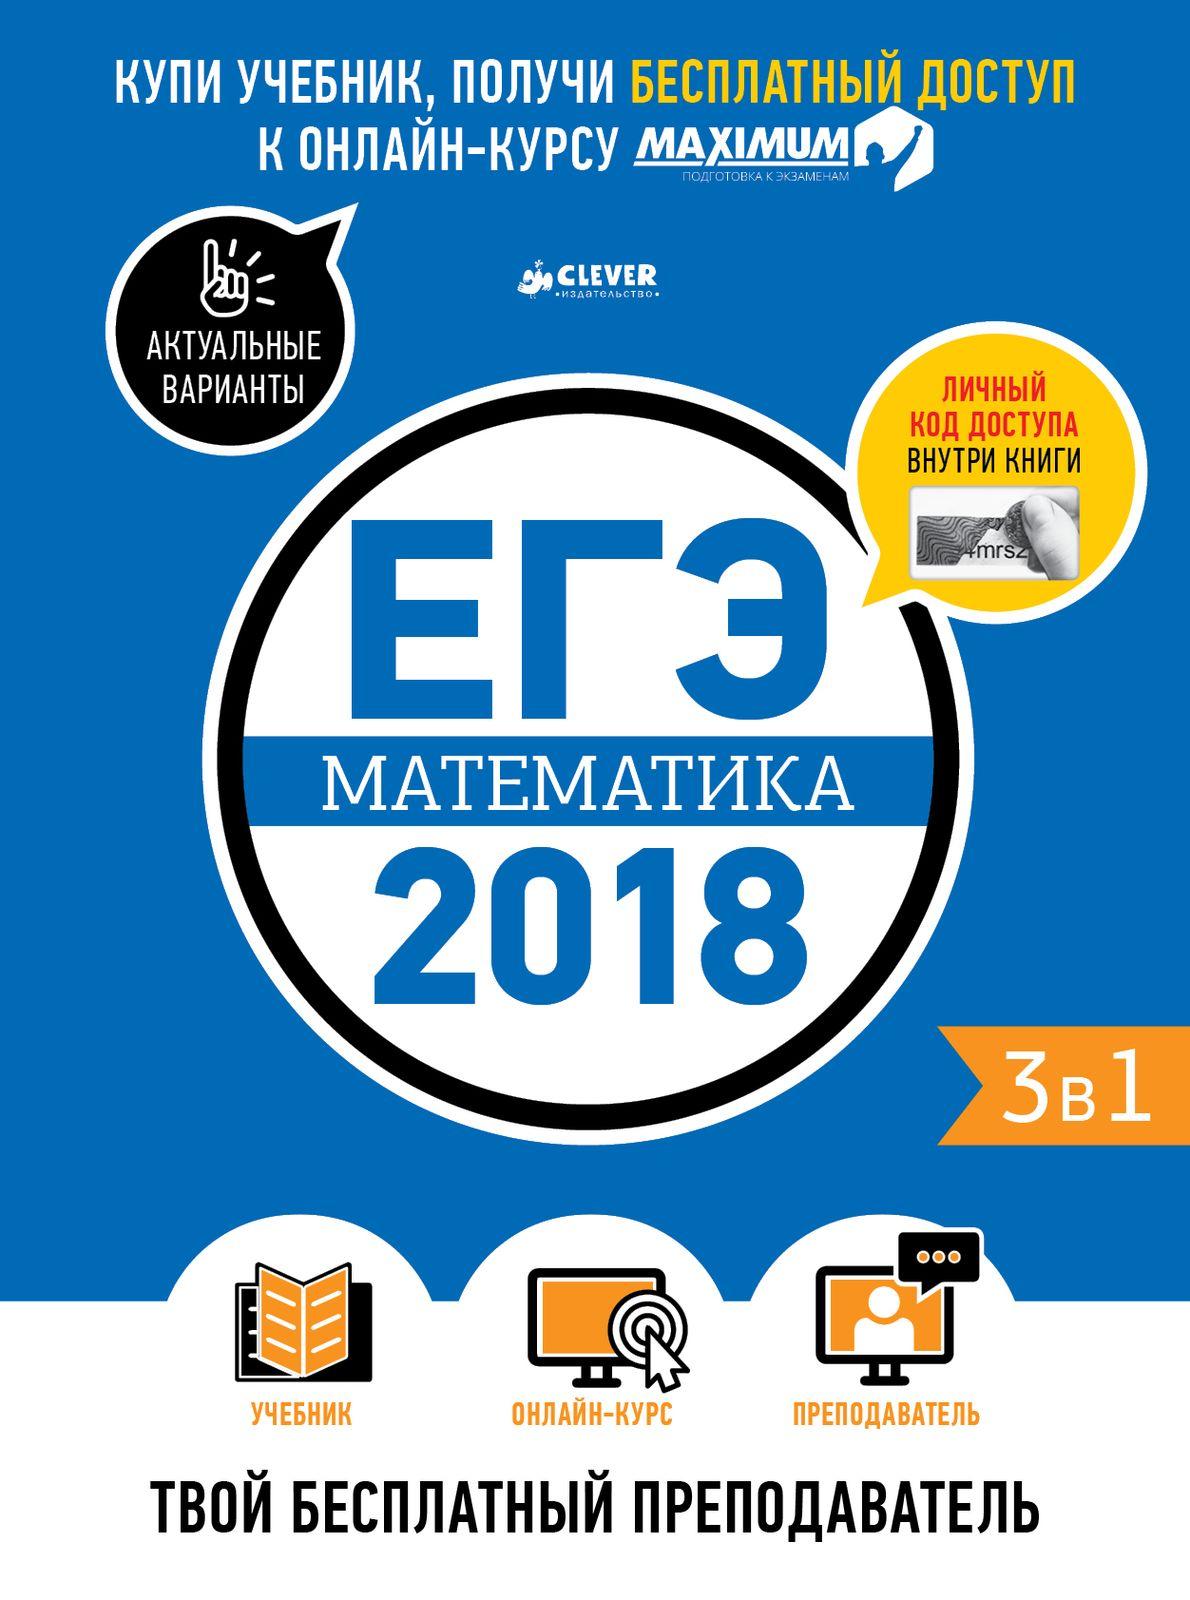 ЕГЭ-2018. Математика. Твой бесплатный преподаватель фото